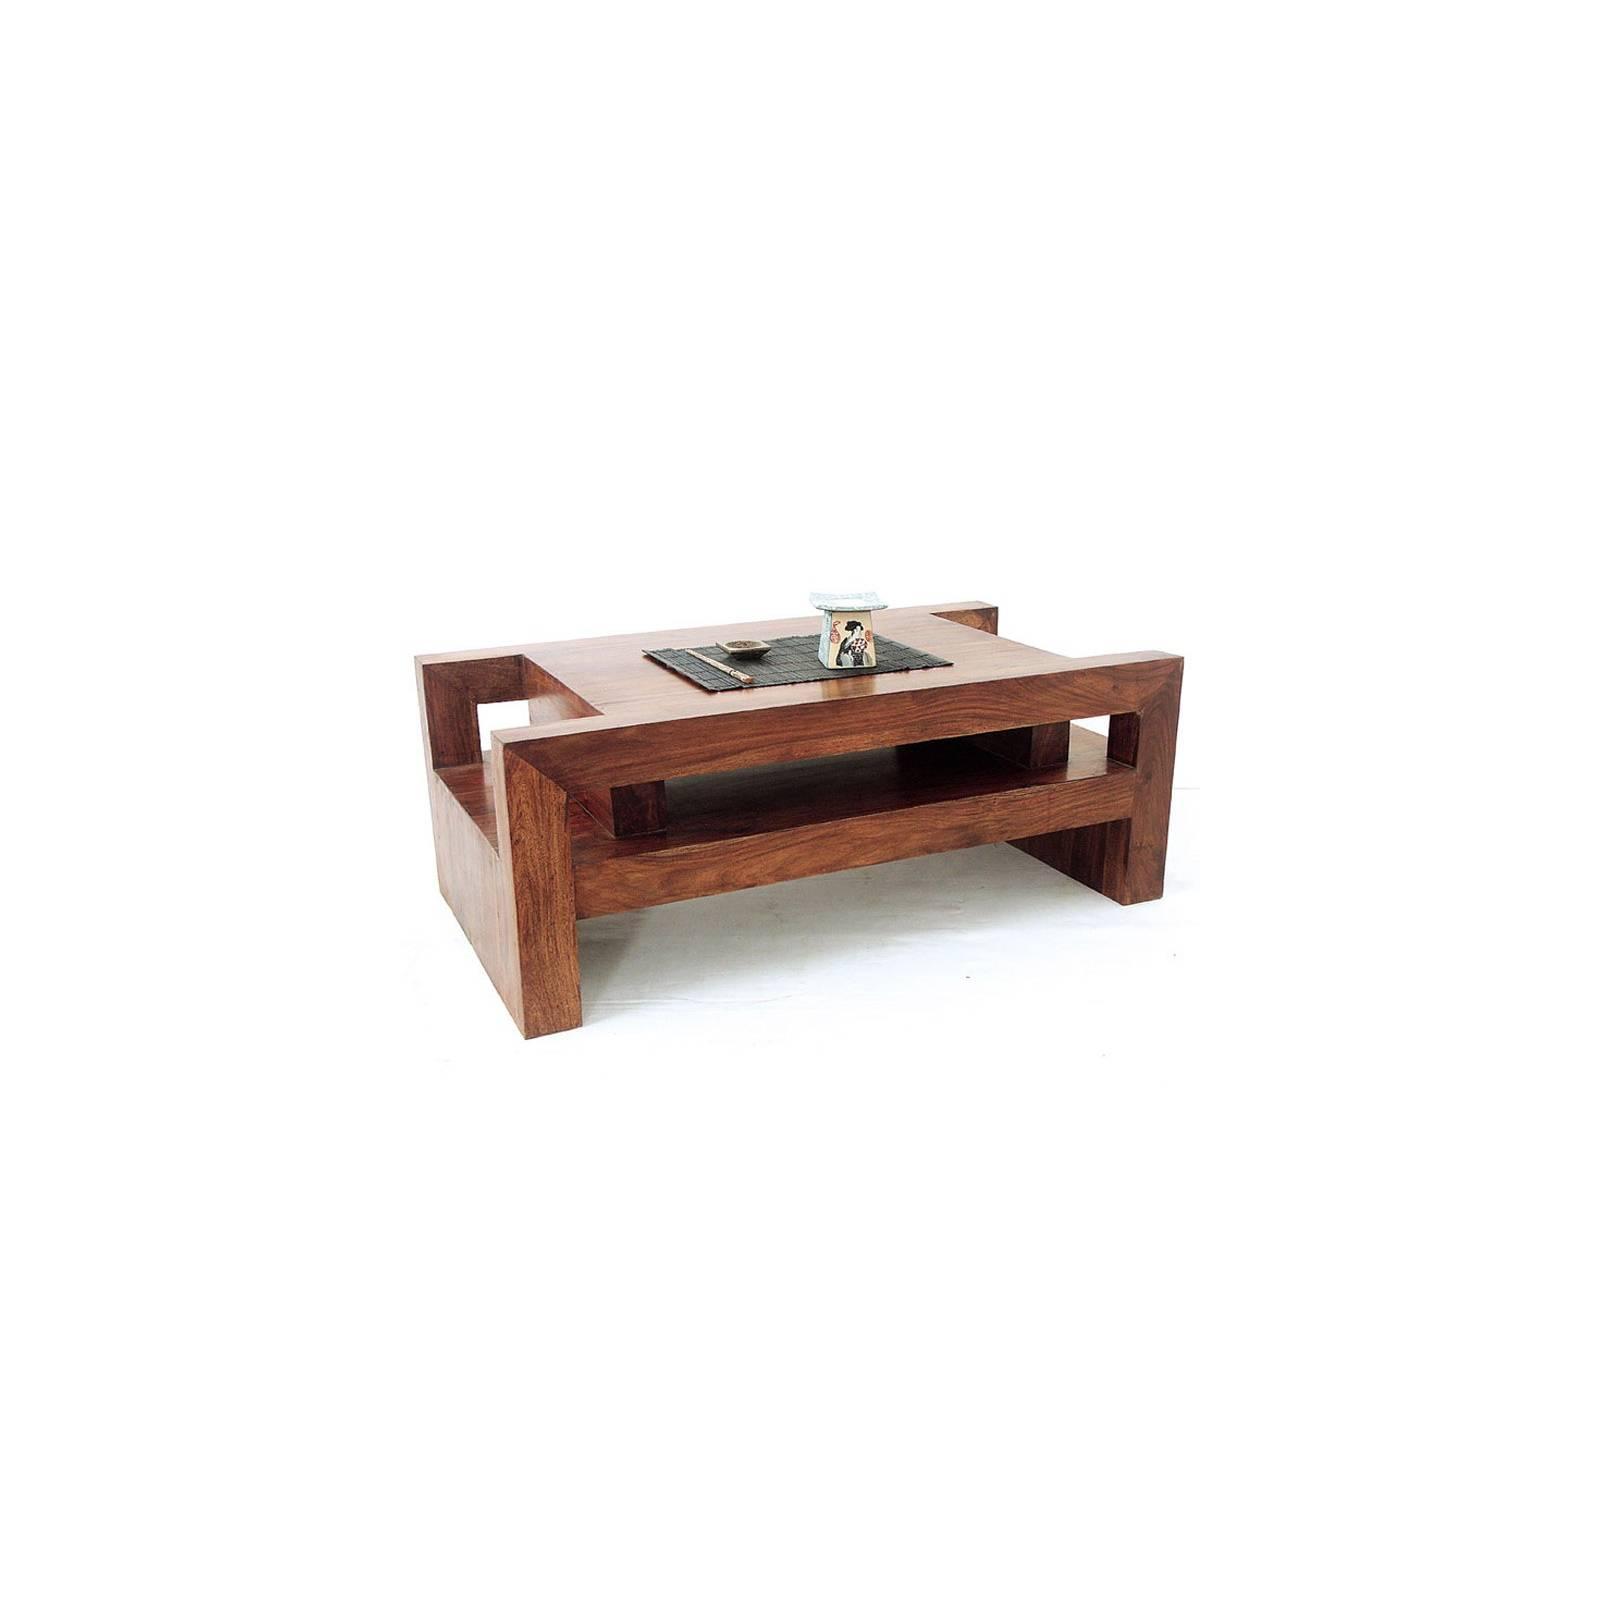 Table Basse Palissandre Zen - meuble en bois exotique